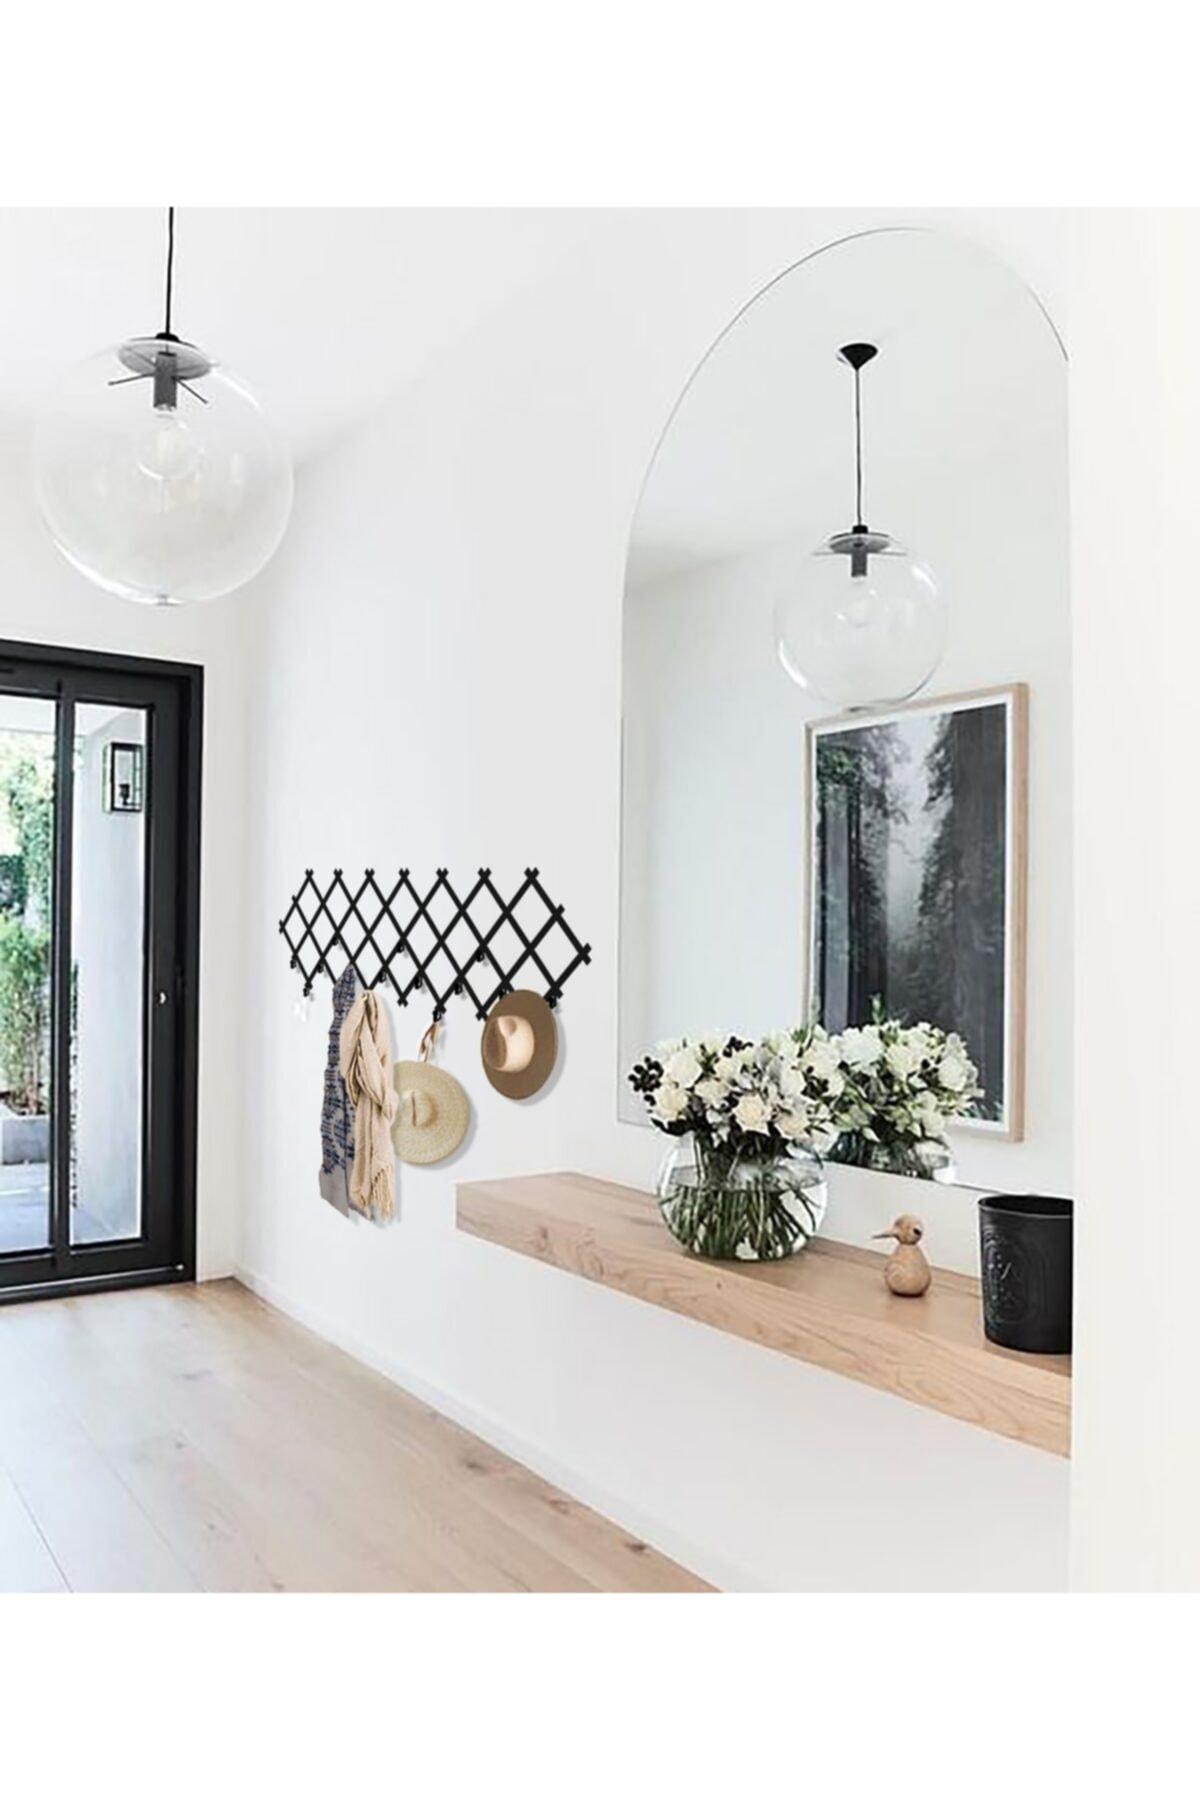 Archtwain Maison Dekoratif Duvar Askısı   Giriş Hol Aksesuarı Metal Modern Ev Düzenleyici